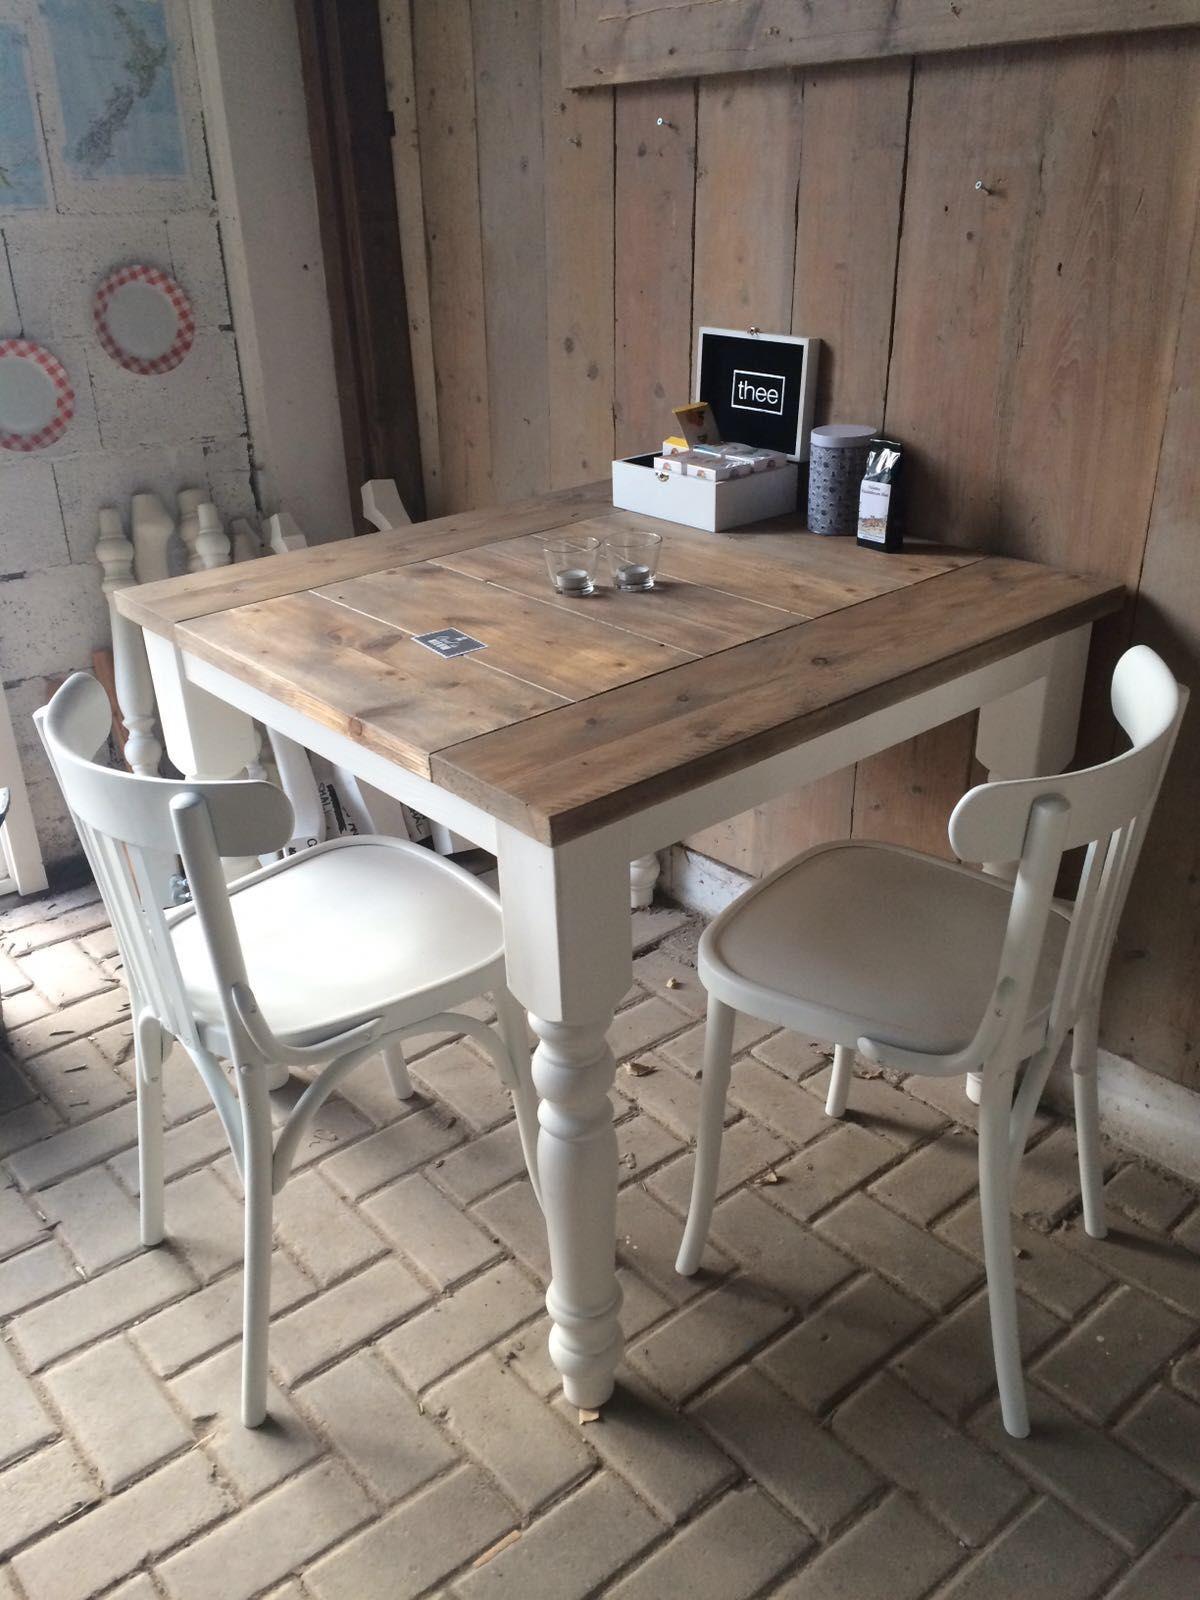 Vierkante tafel voor thuis of horeca landelijke bolpoot oudisnieuw idee n voor het huis - Idee voor thuis ...